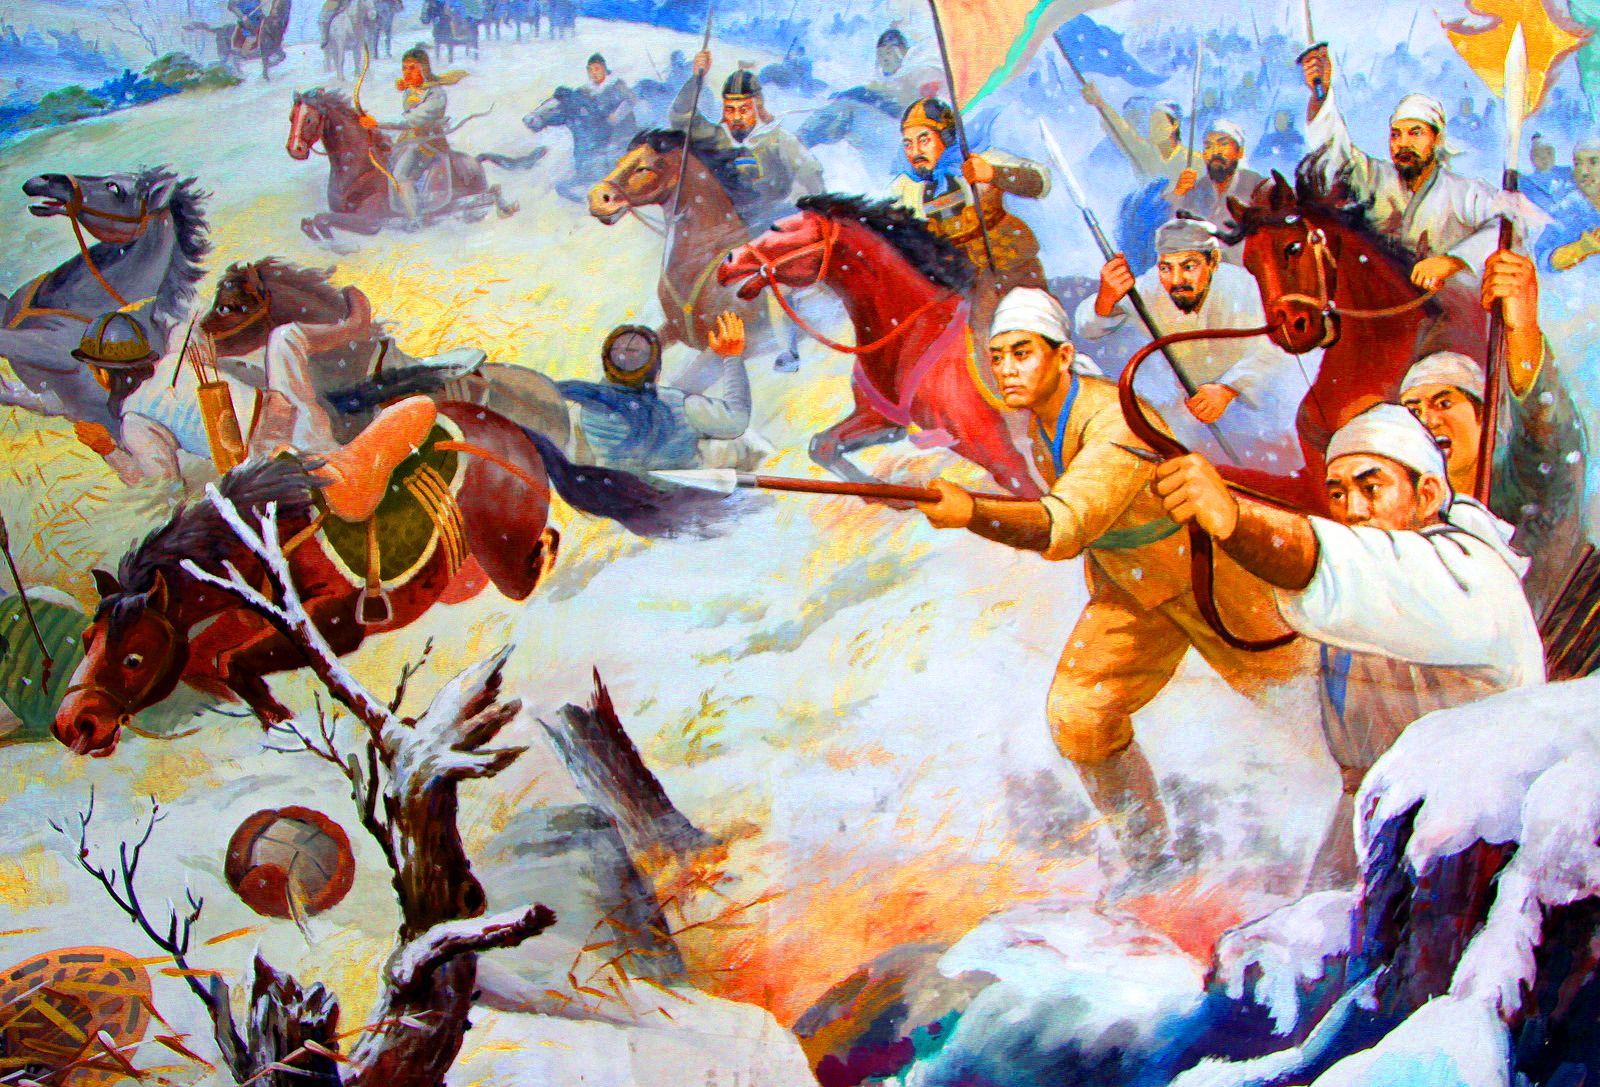 Biến đổi khí hậu và sự sụp đổ của các triều đại Trung Hoa